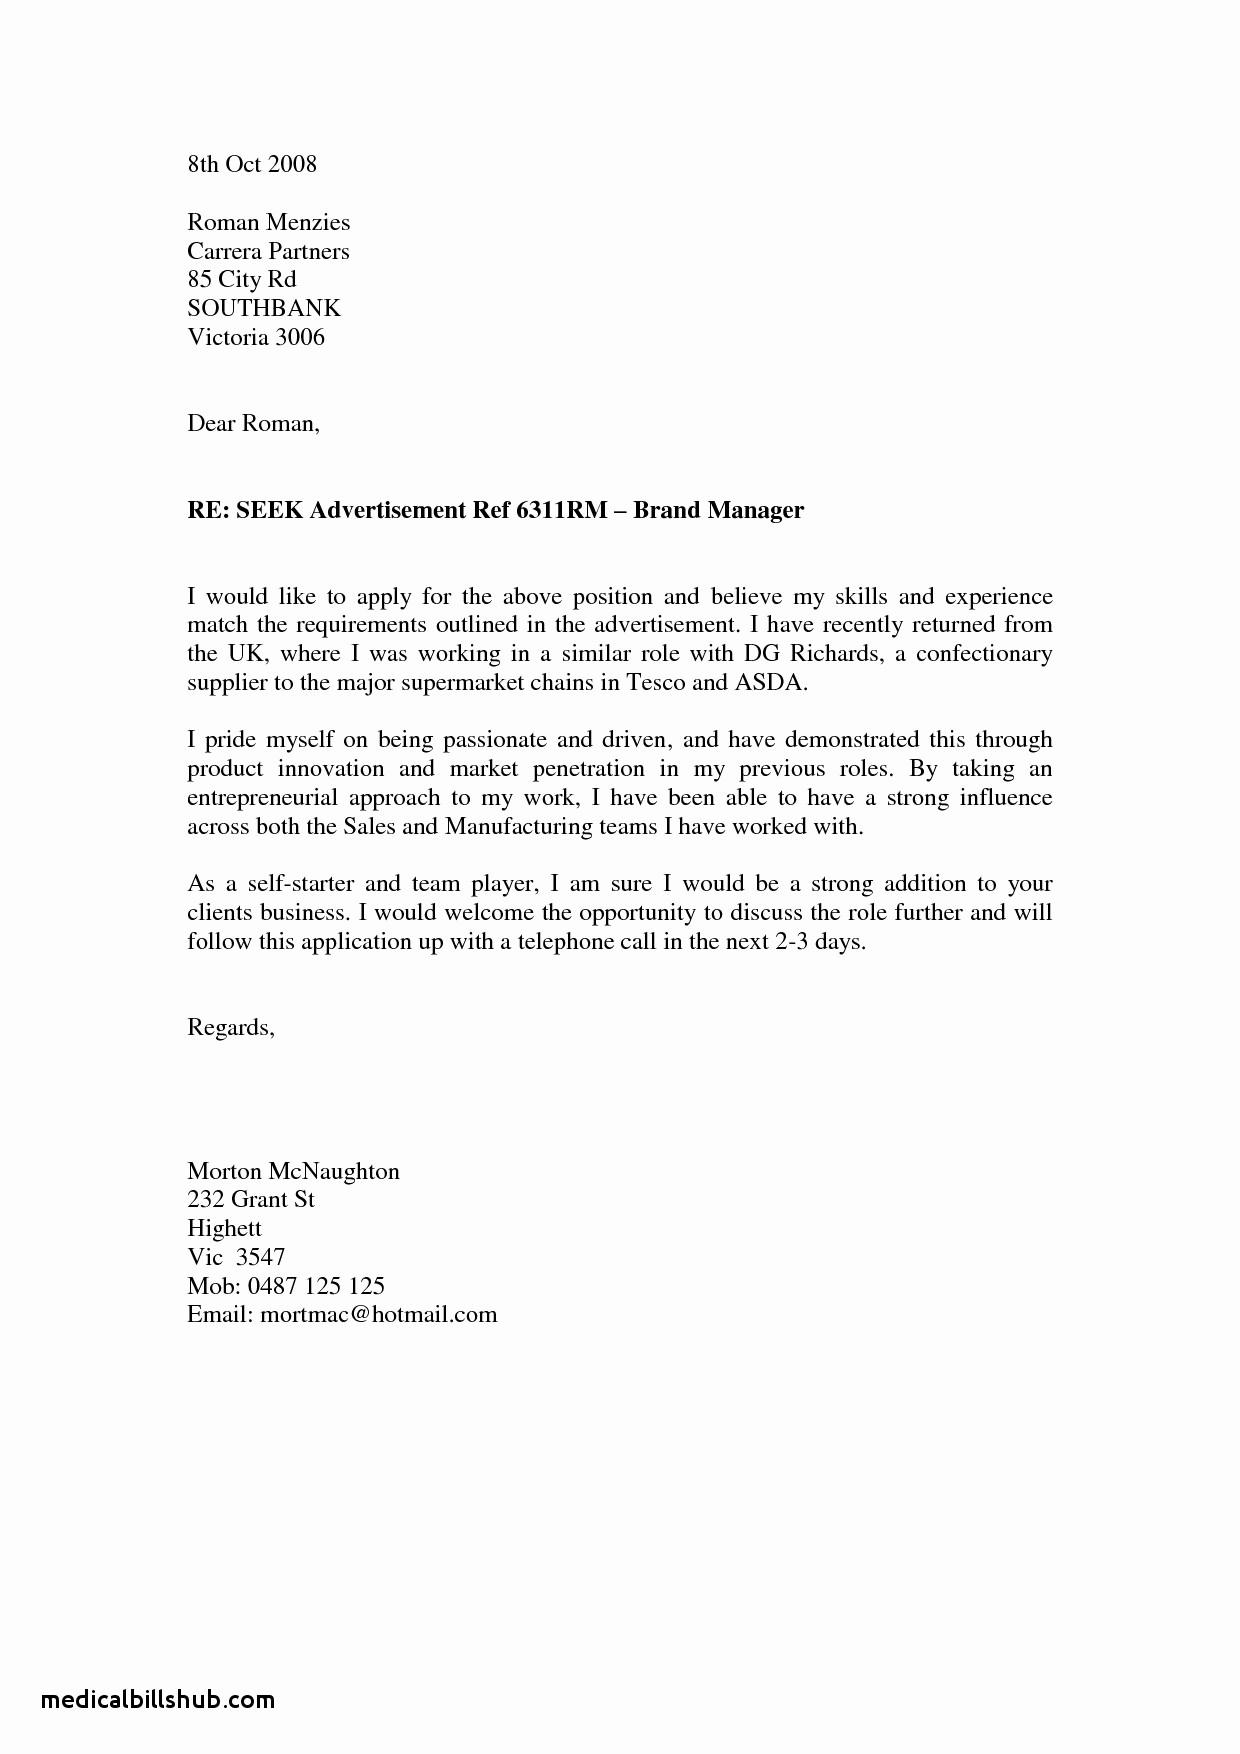 Basic Resume Cover Letter Template Elegant Teacher Cover Letter No Experience associates Degree In